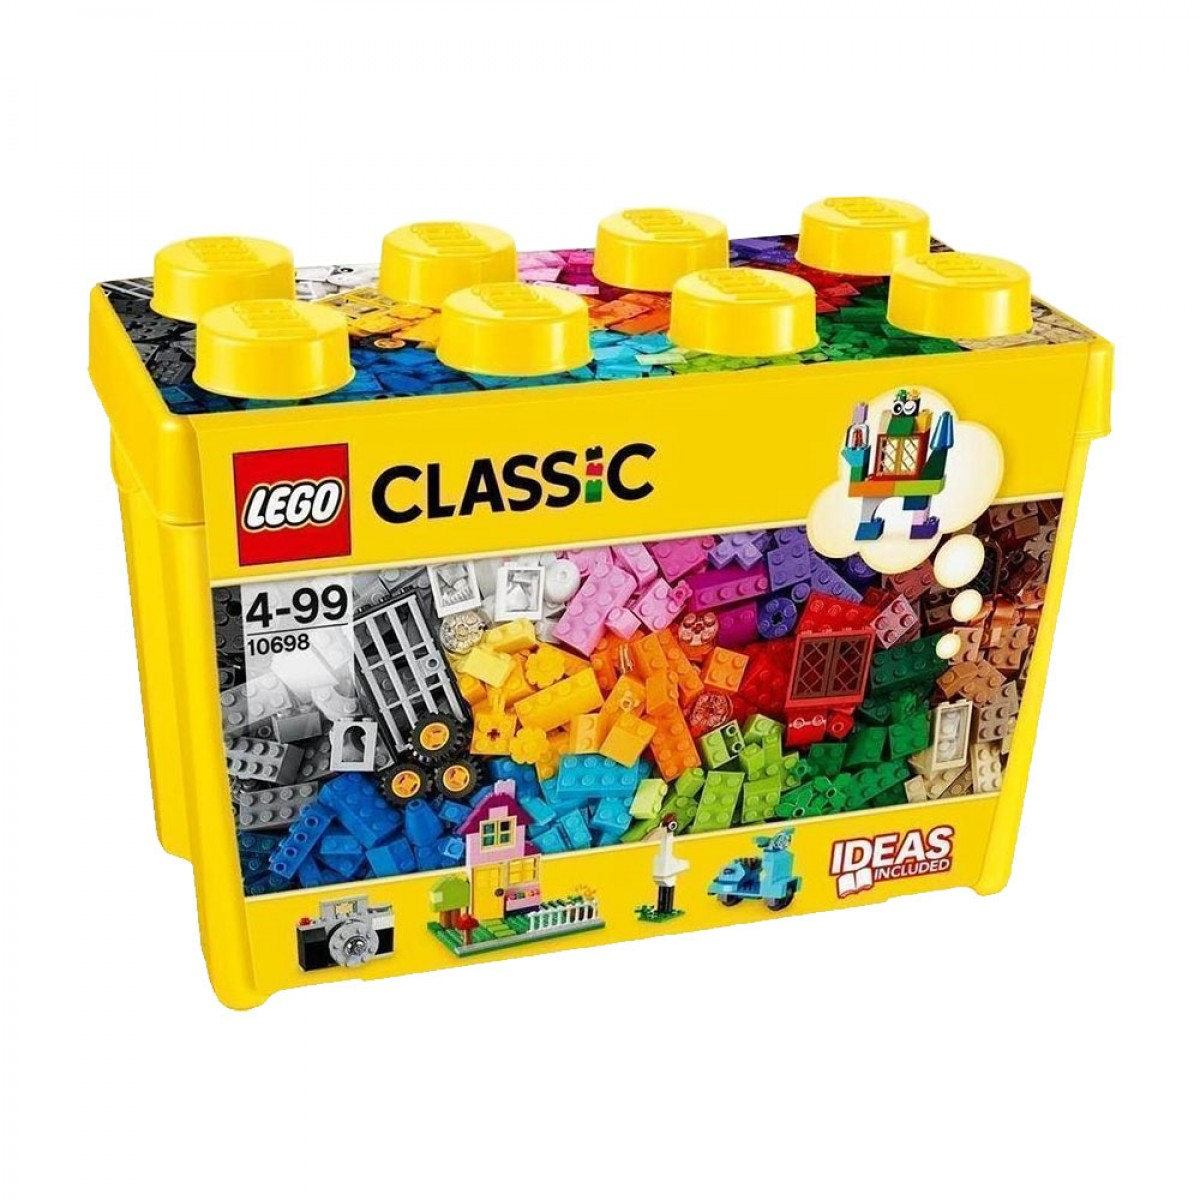 LEGO LARGE CREATIVE BRICK BOX 10698